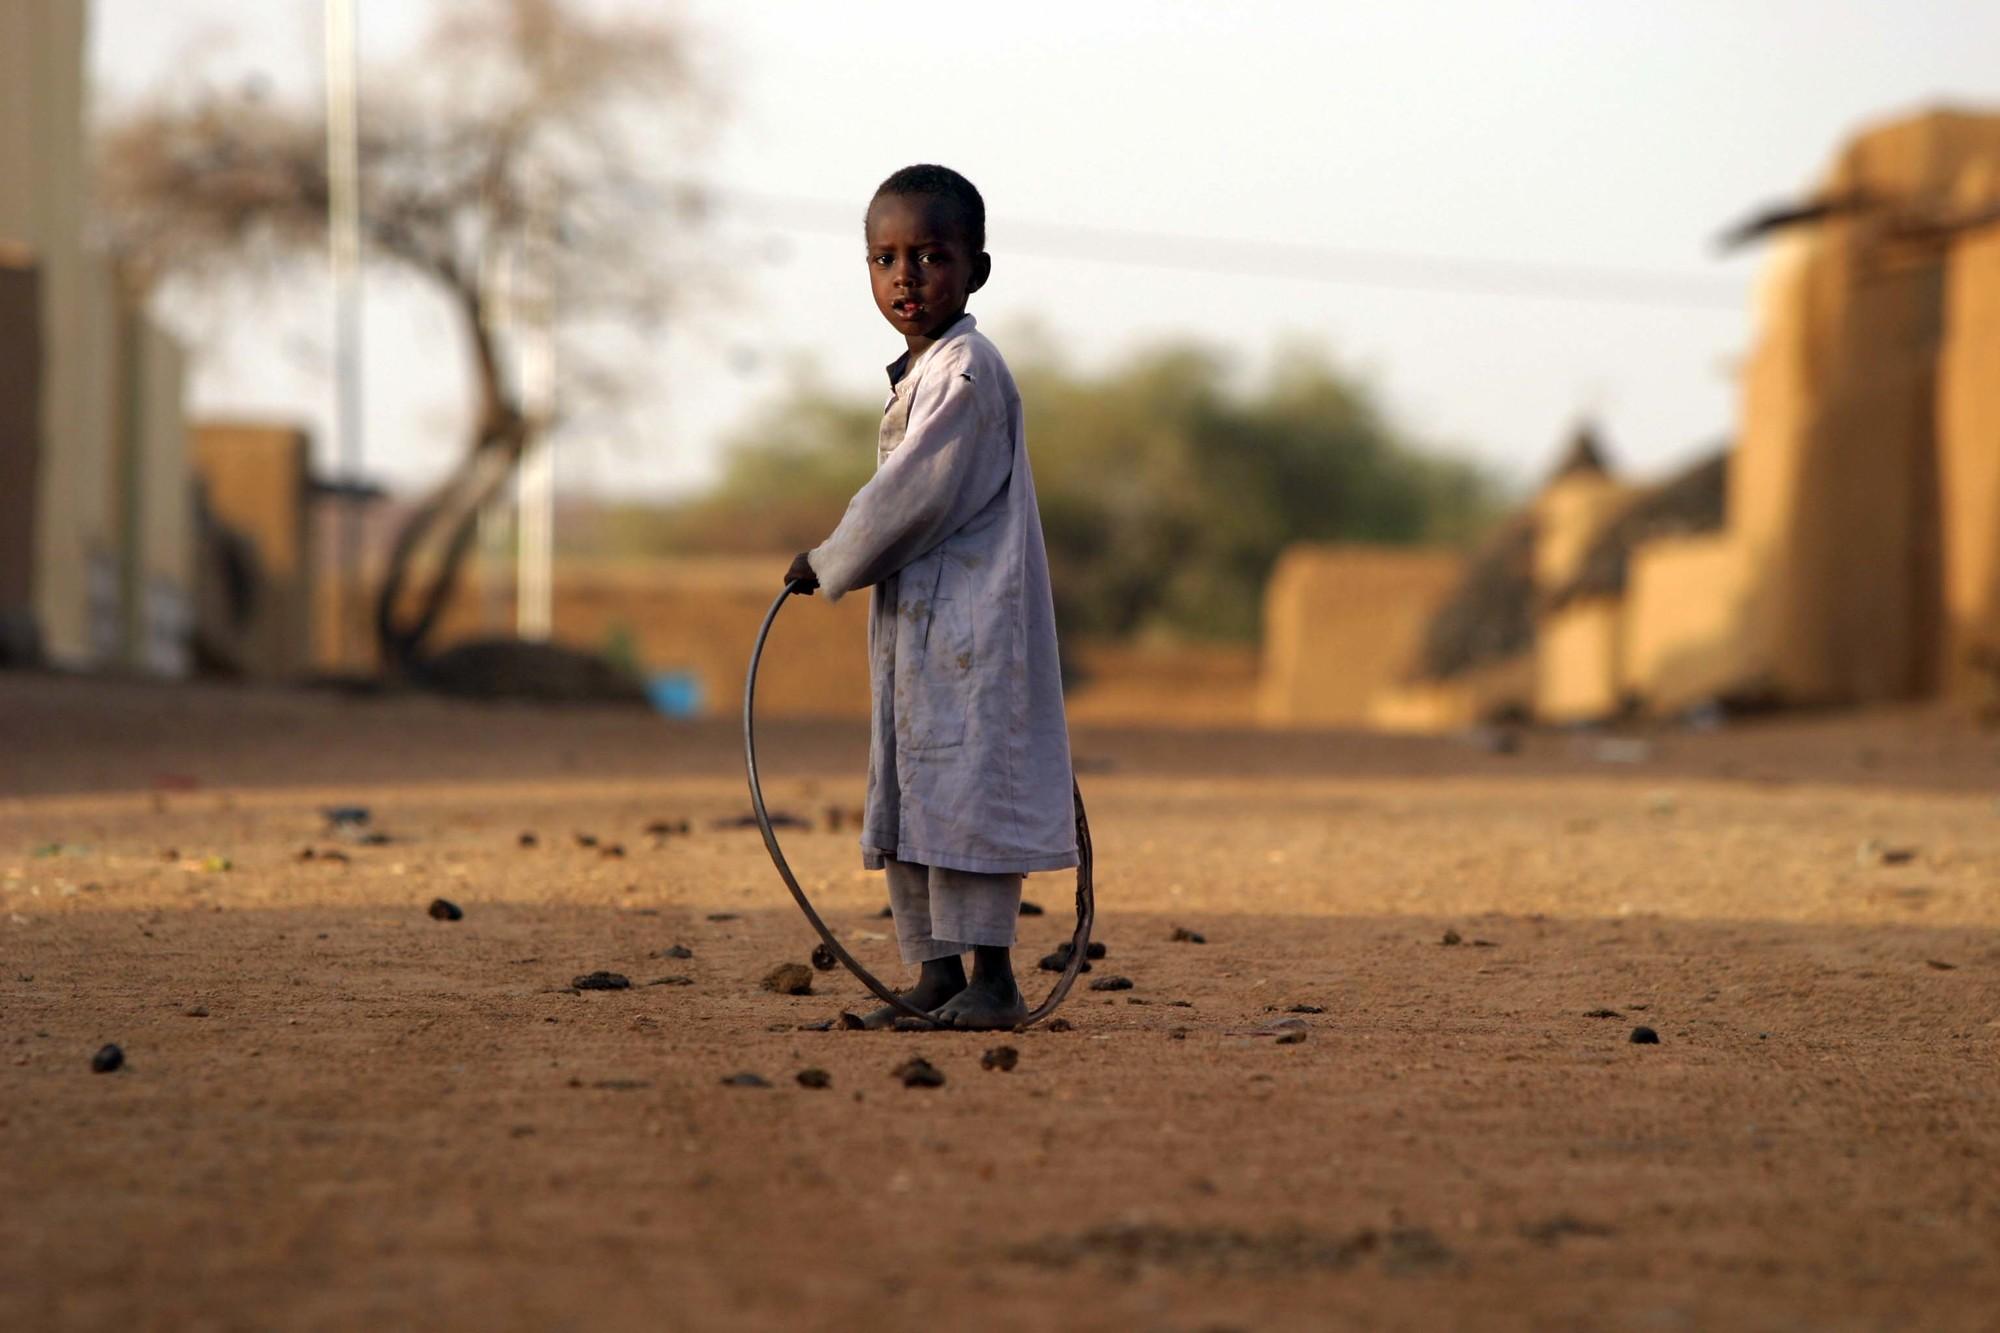 Care und oxfam menschen im s dsudan aktion deutschland for Oxfam spenden